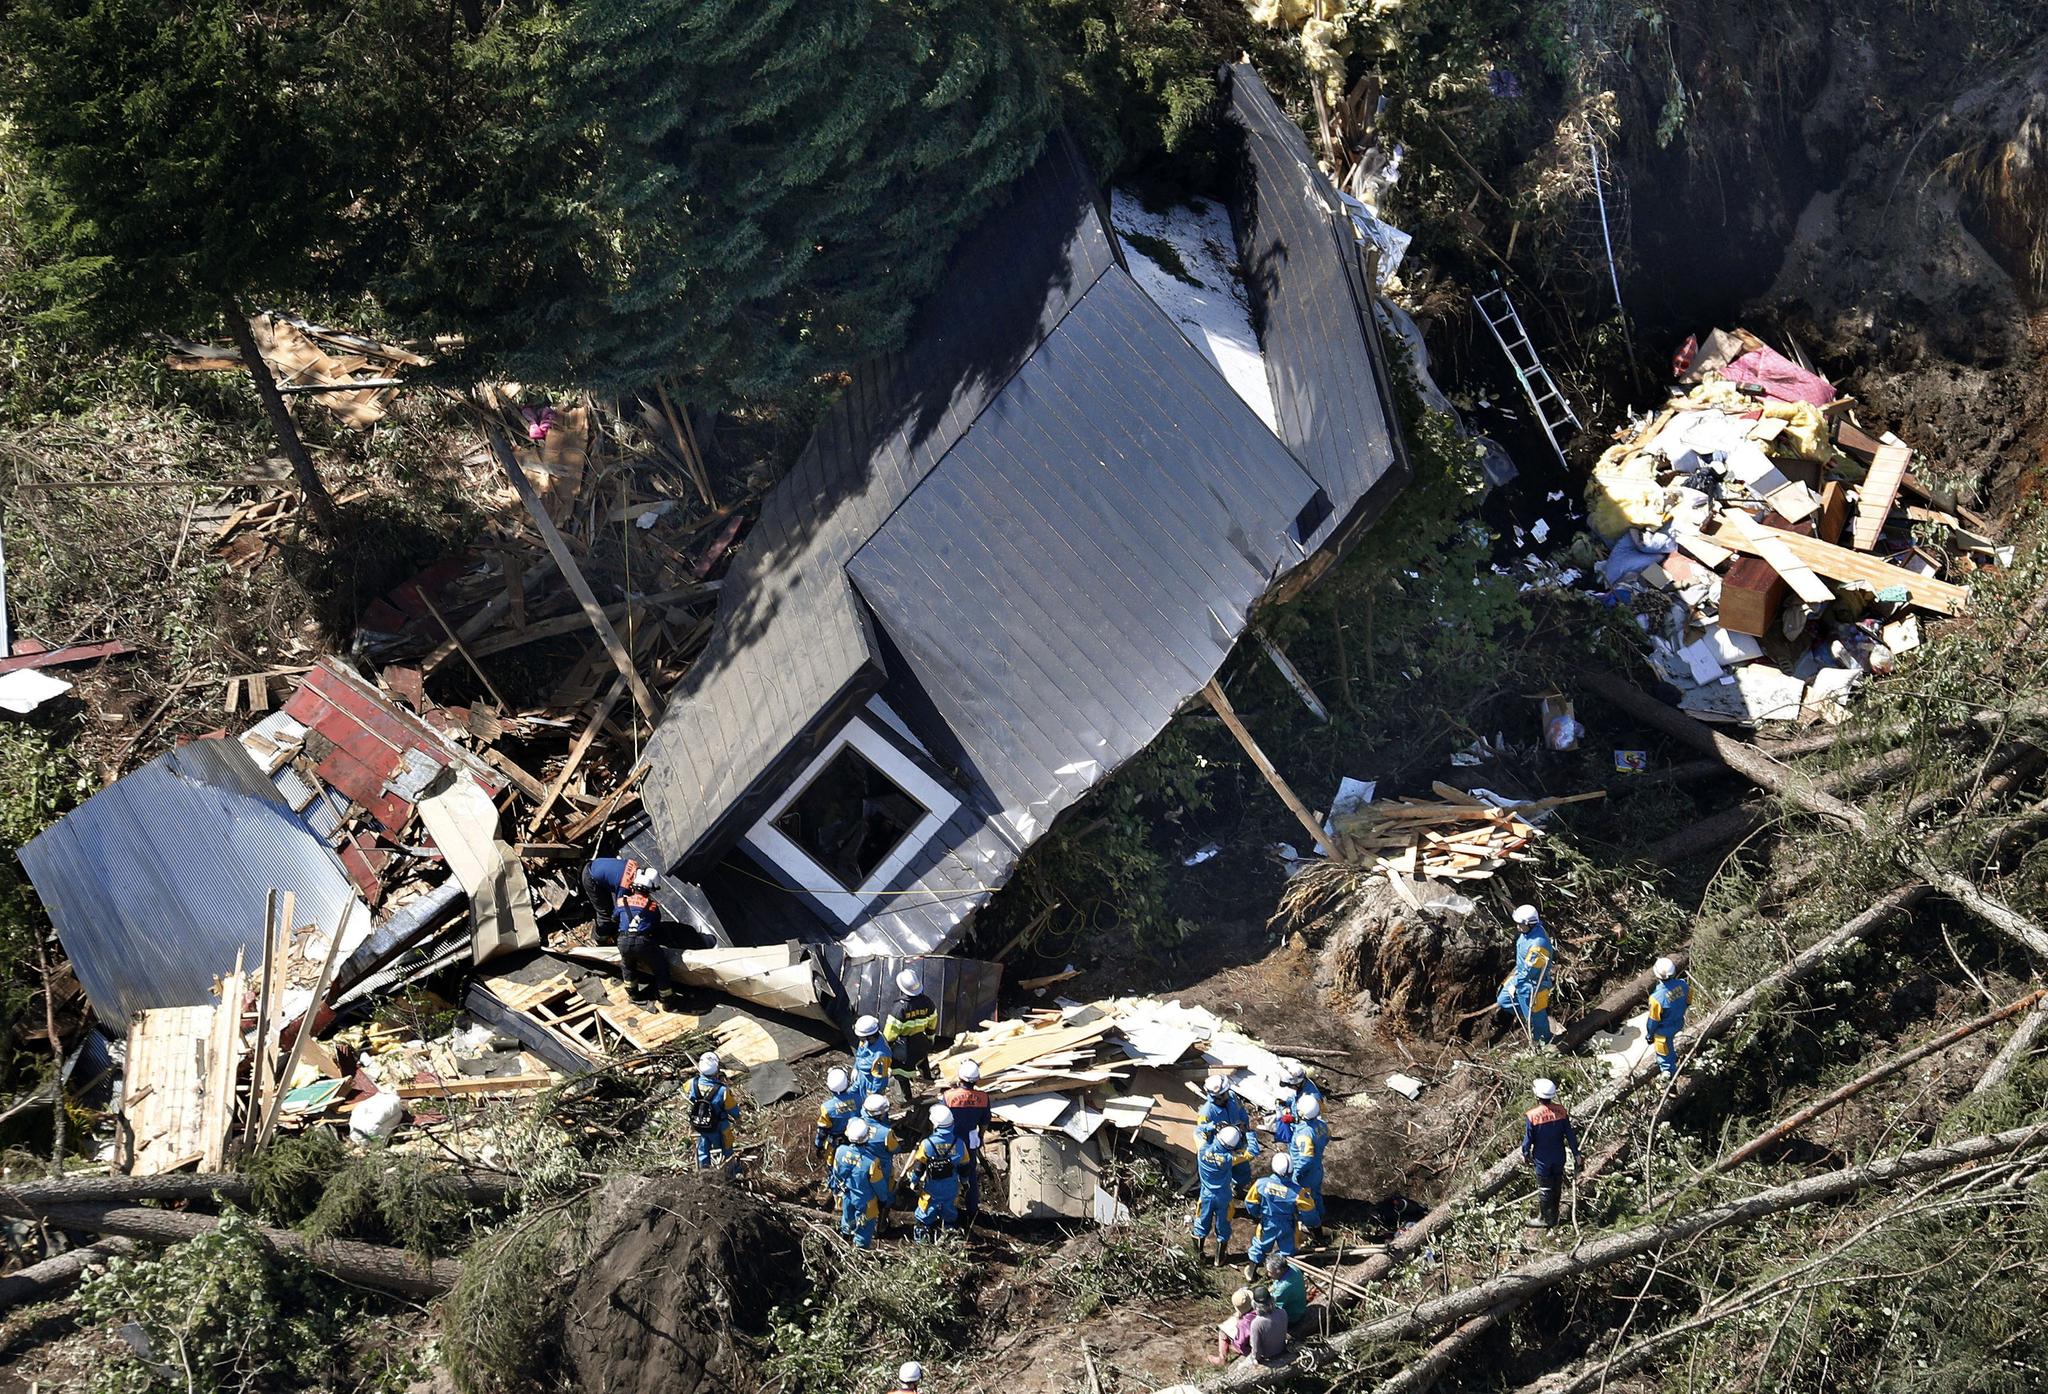 일본 경찰수색대가 6일 홋카이도 아쓰마 지역에서 산사태로 무너진 주택을 살피고 있다. [교토=연합뉴스]